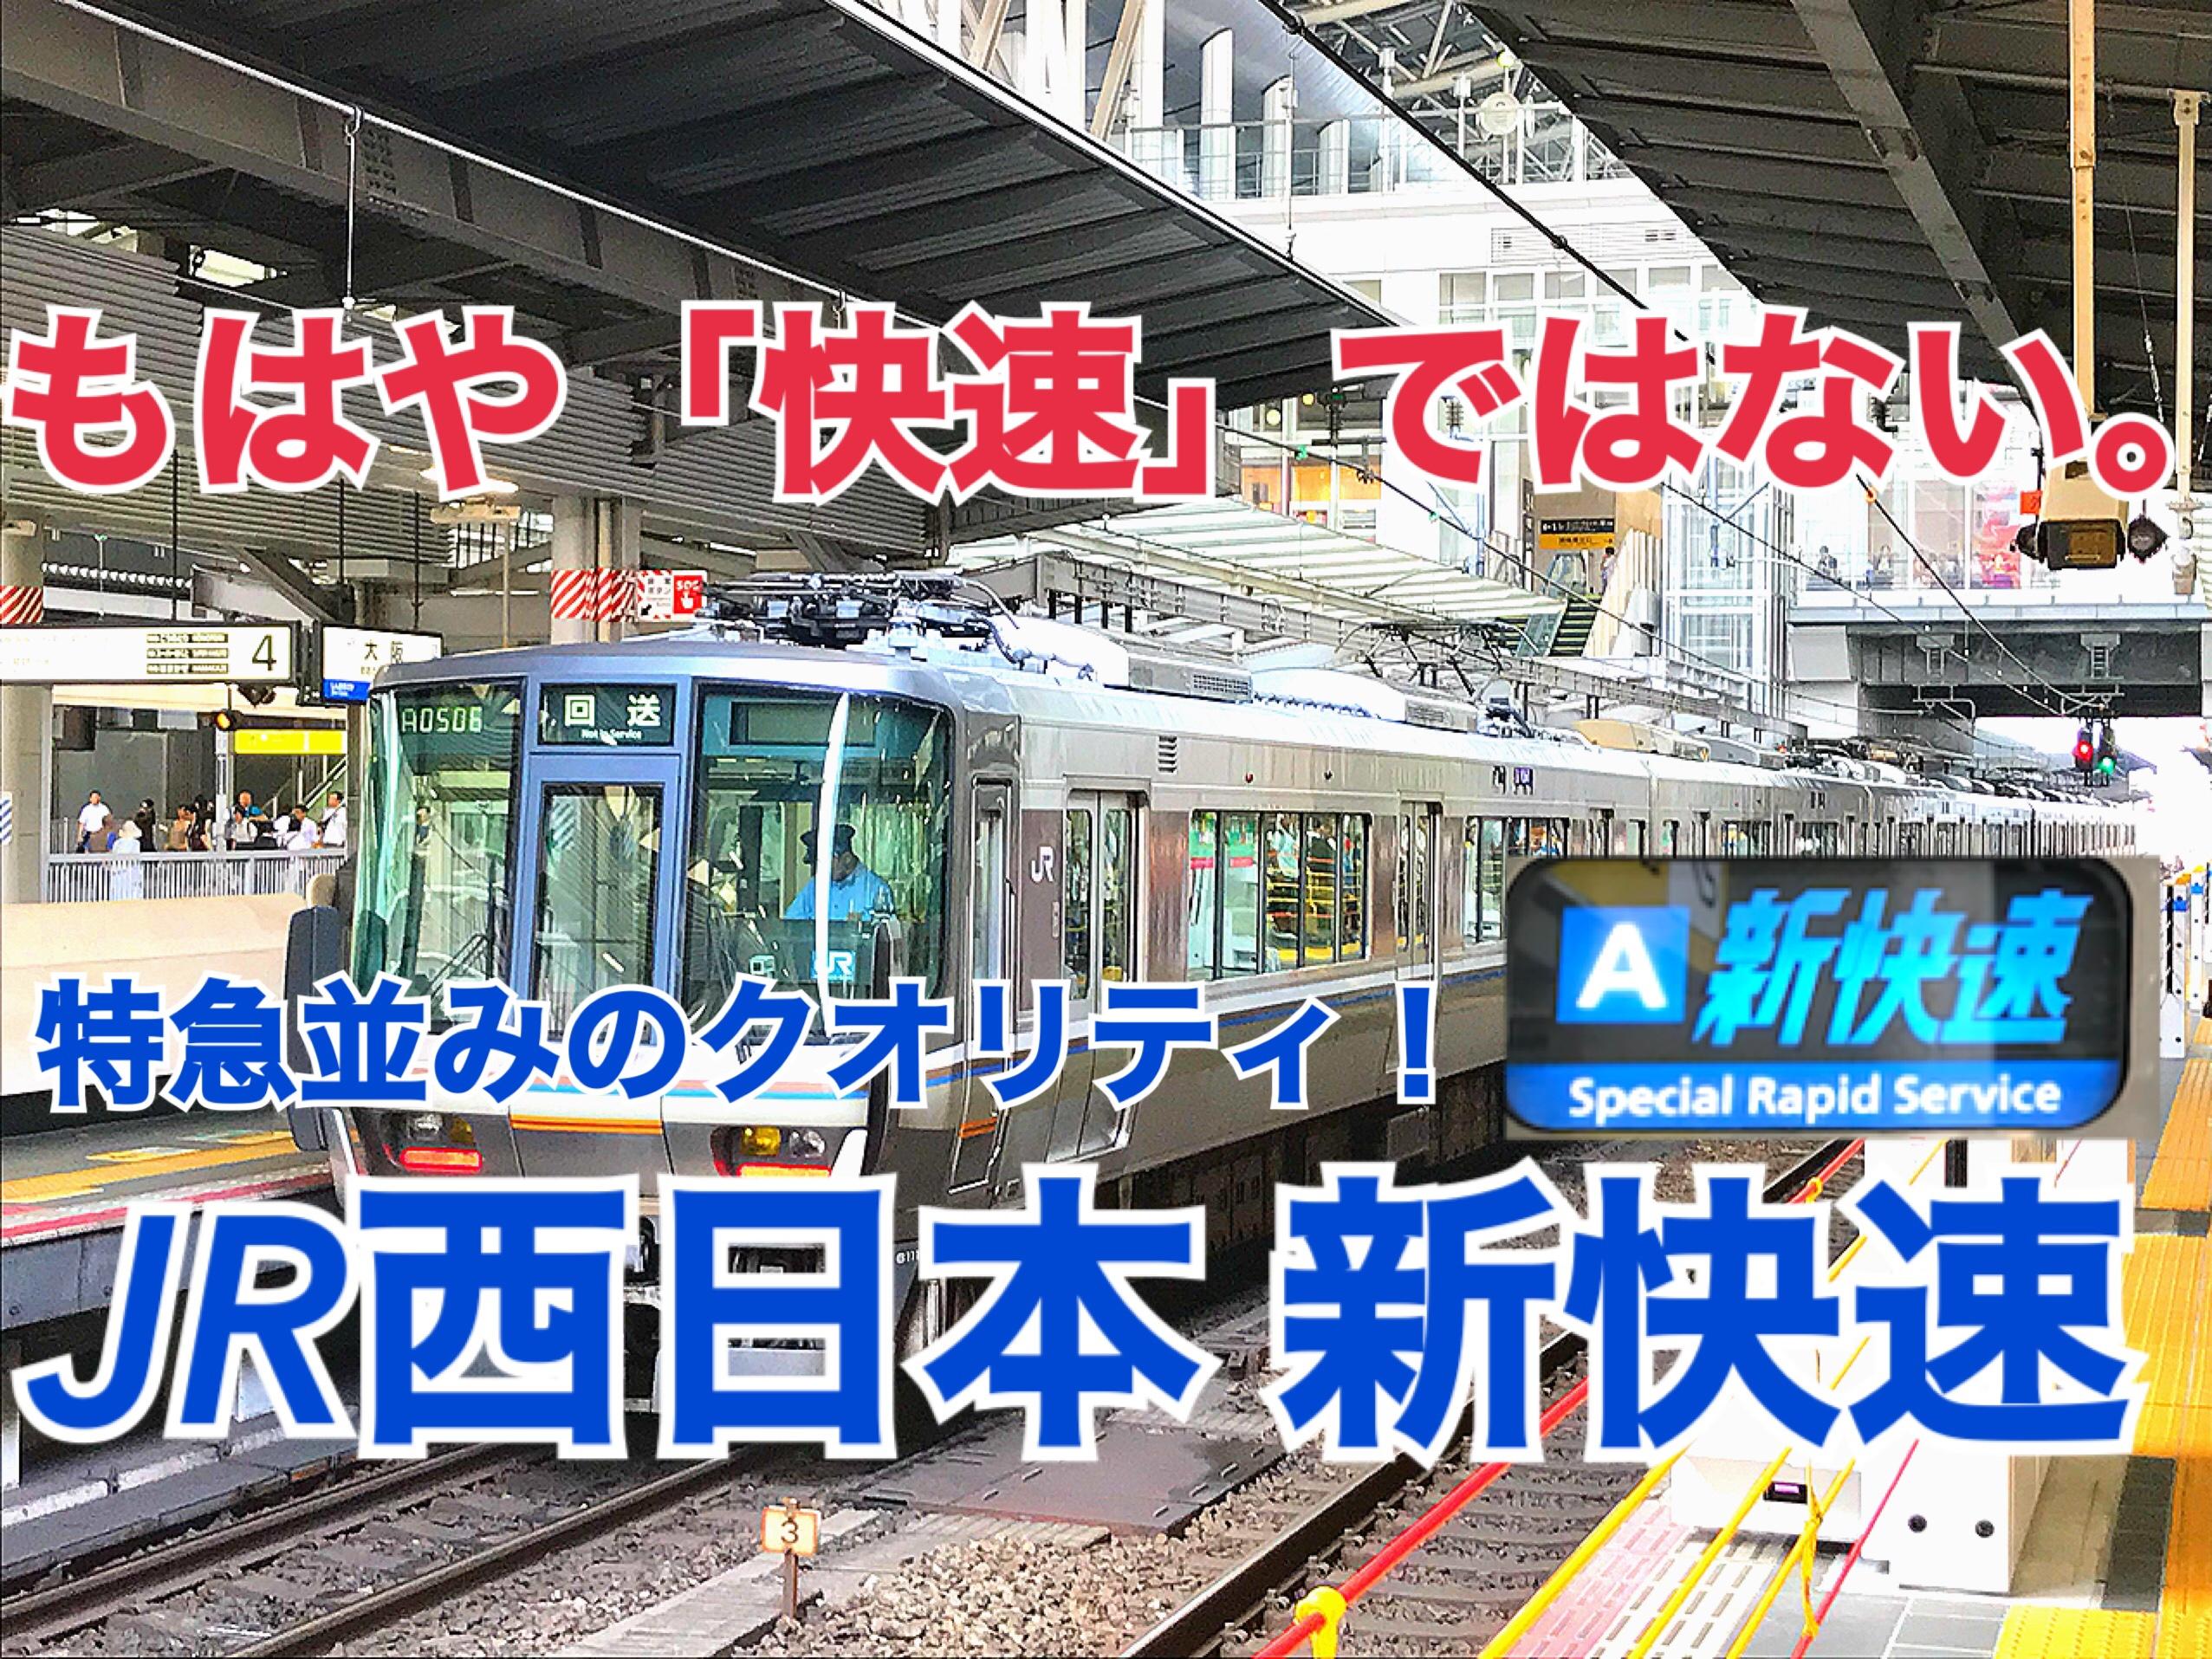 【もはや快速ではない】最強のJR西日本 新快速乗車記【関西勉強合宿】